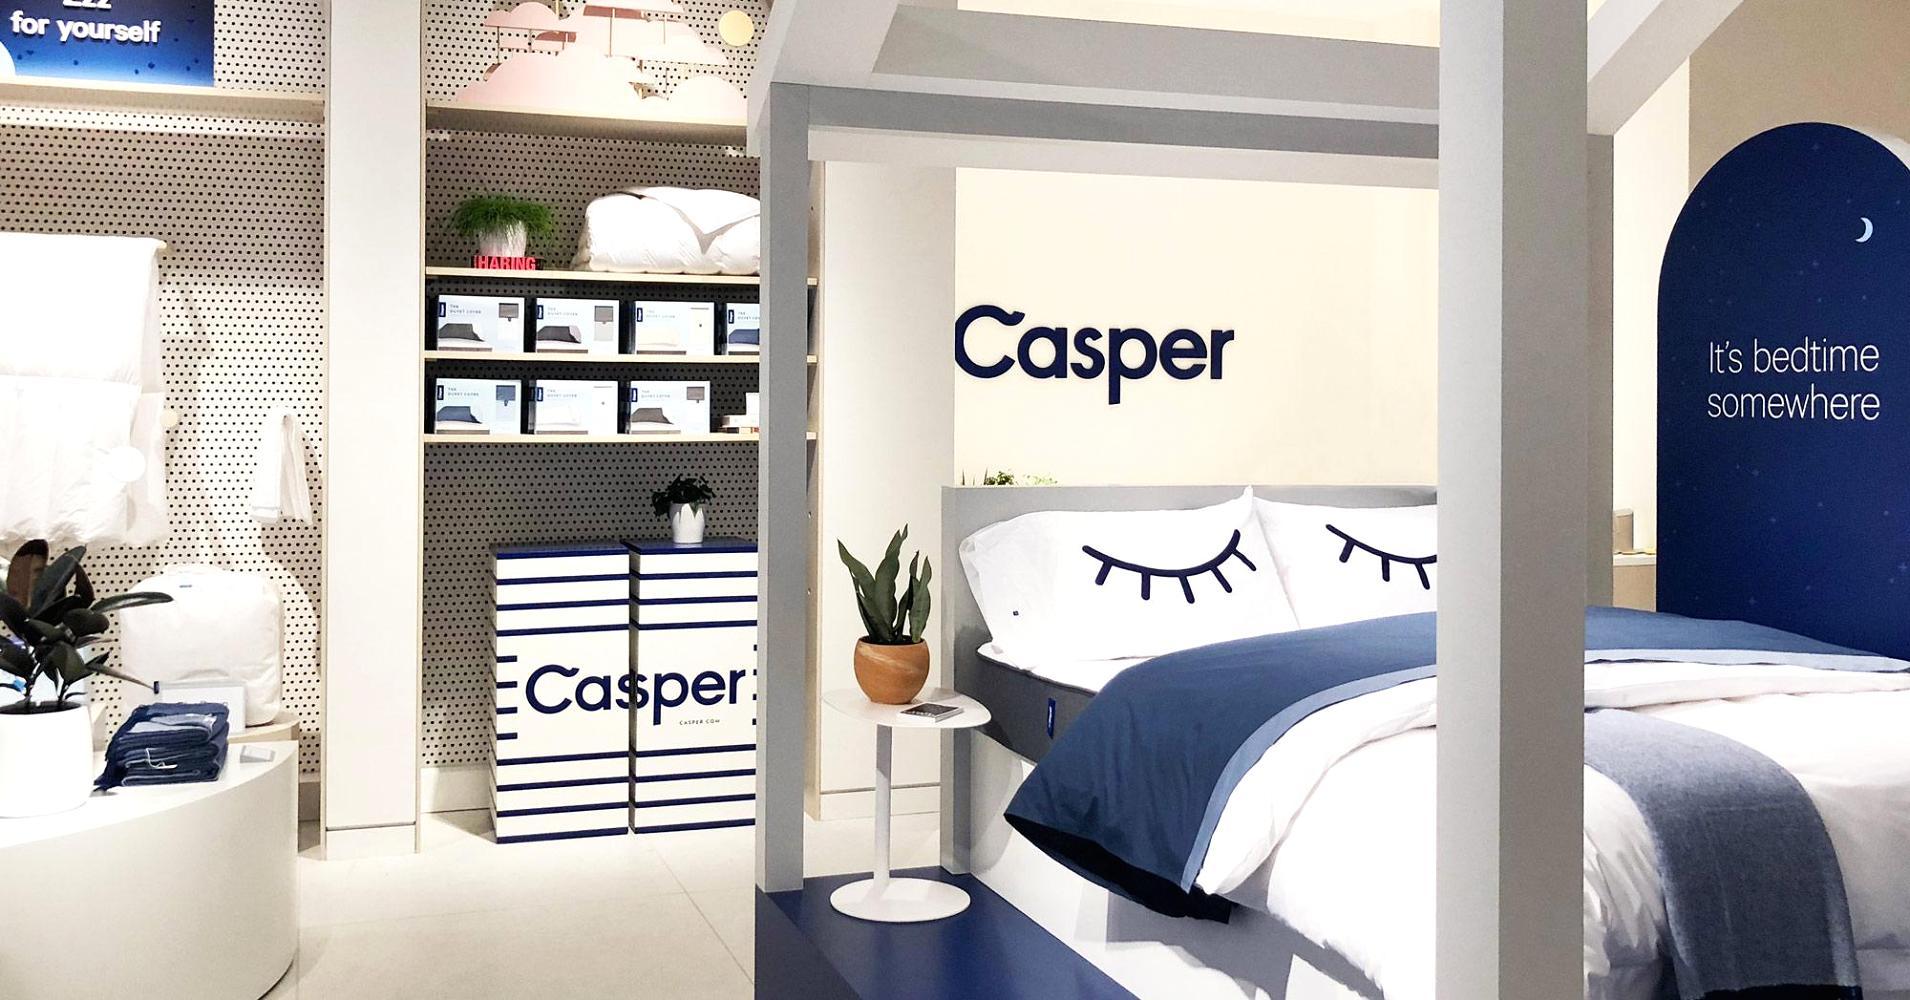 (Photo: Casper)